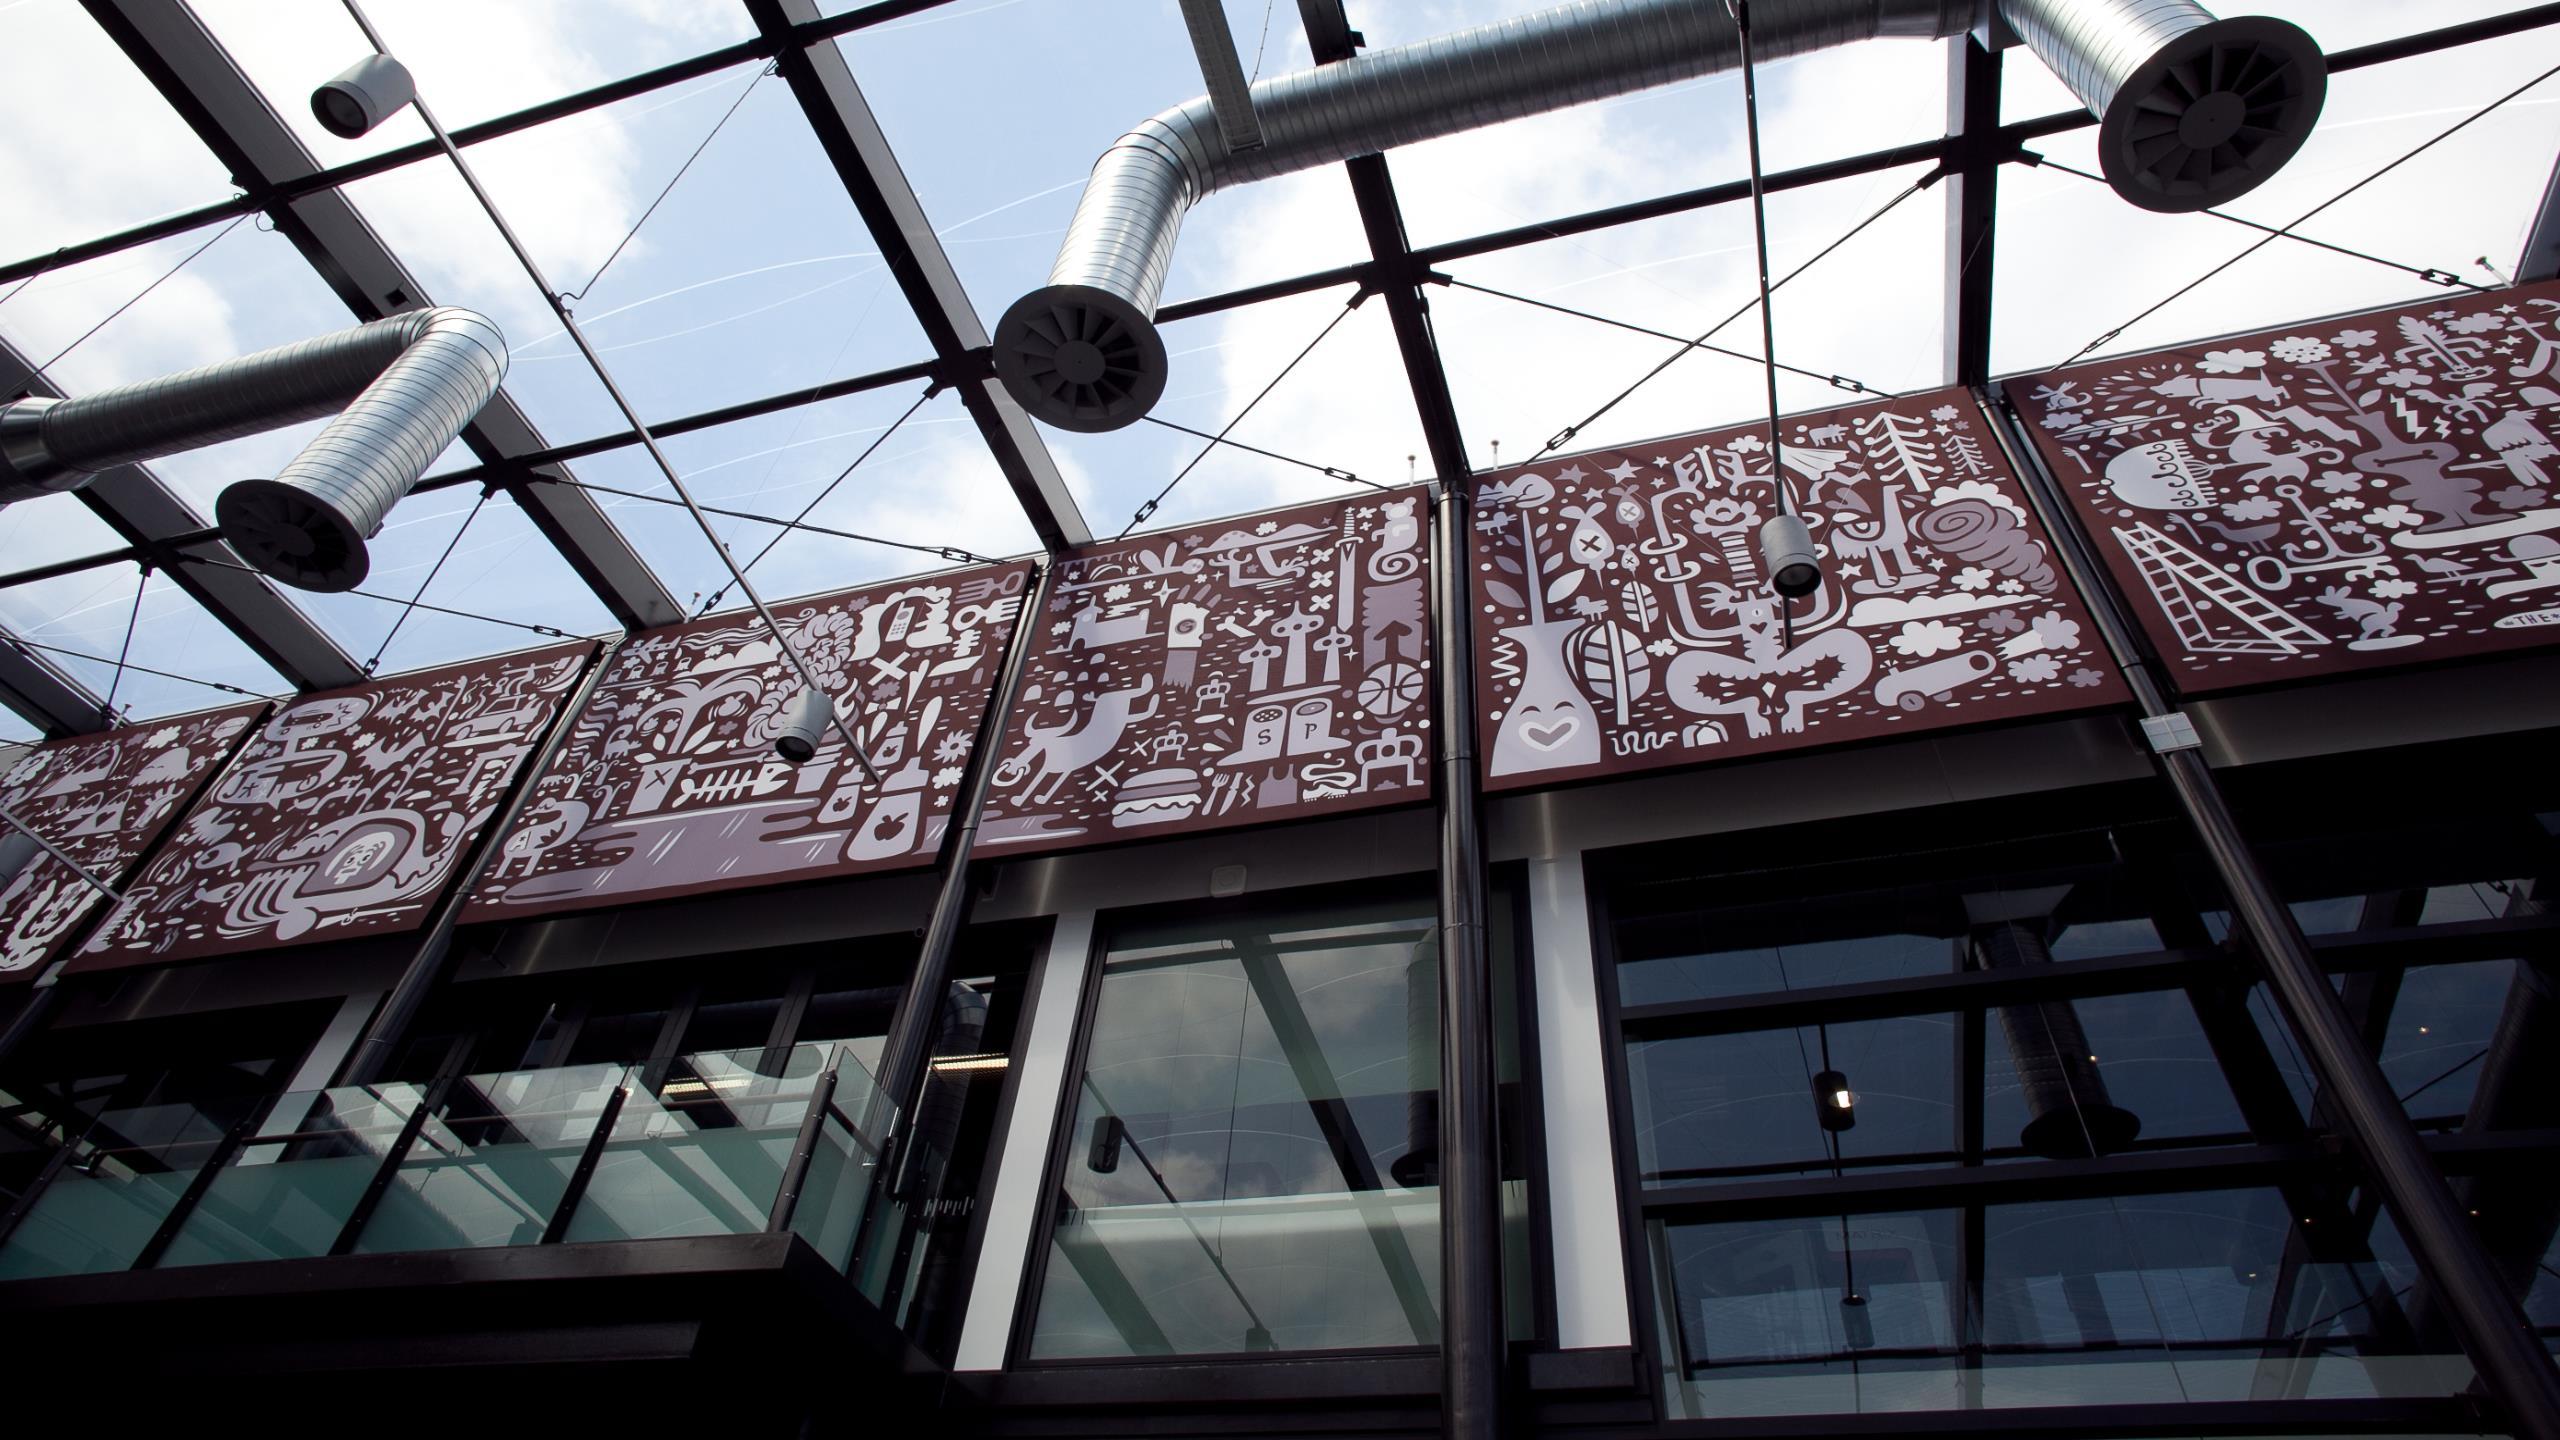 Wintec House Atrium - Snaptex + Digital print